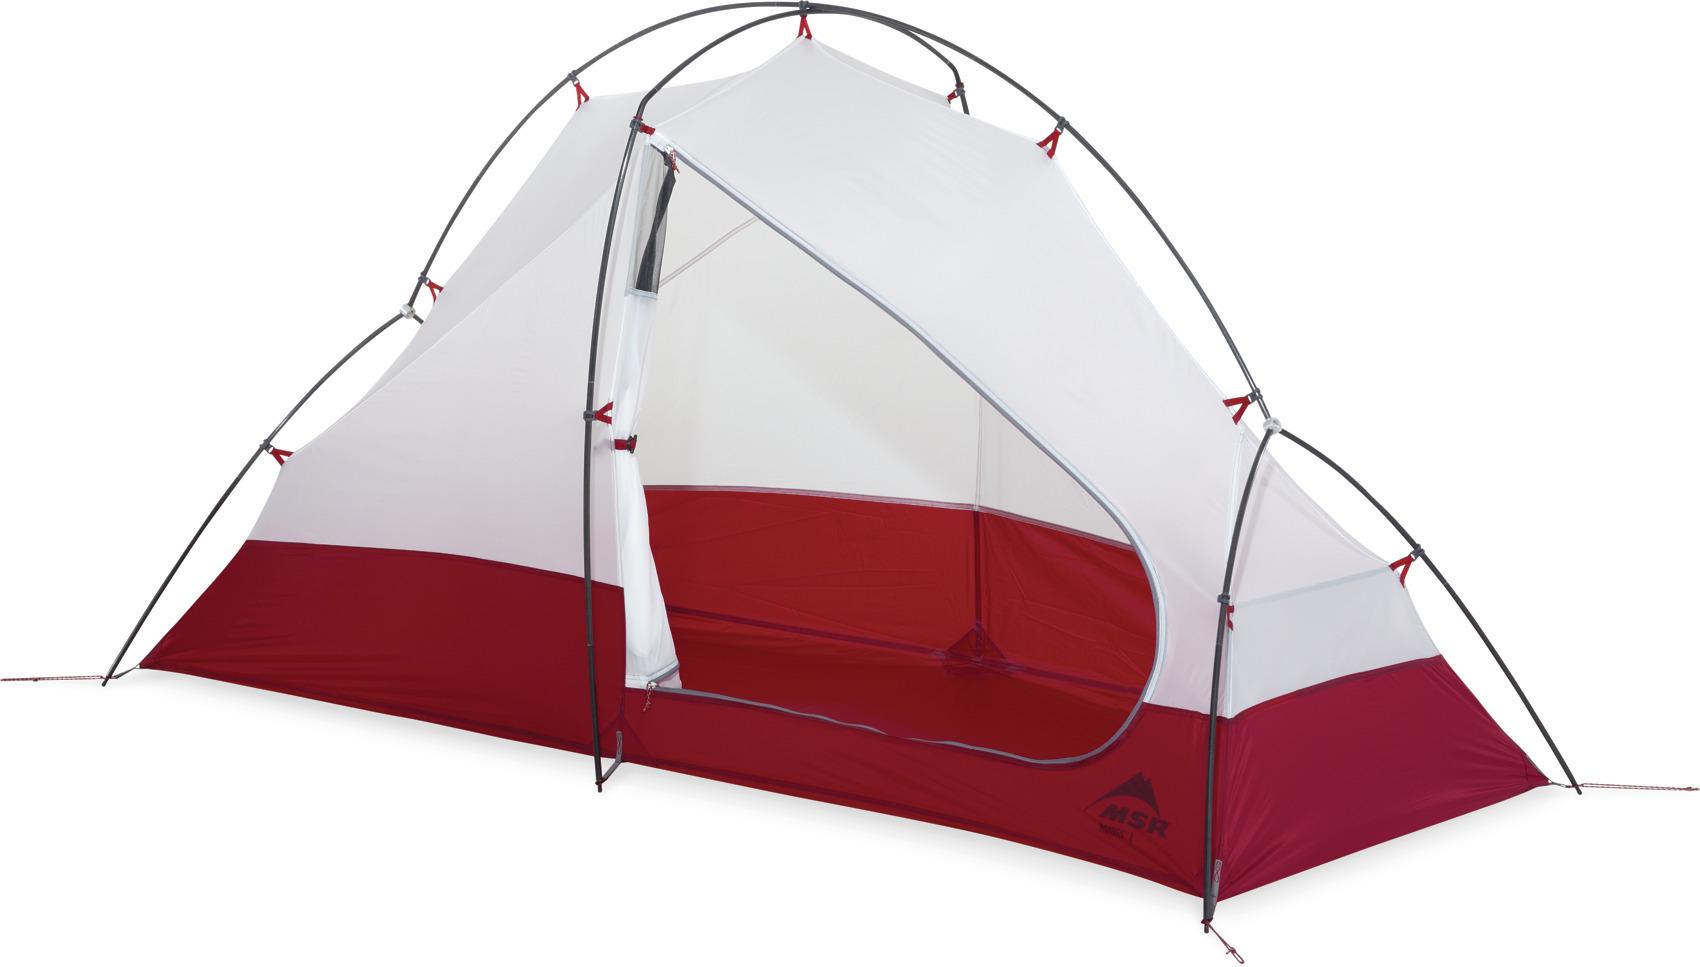 MSR - Access 1 - Zelt für Sommer & Winter für eine Person *inkl. Footprint* – Bild 7